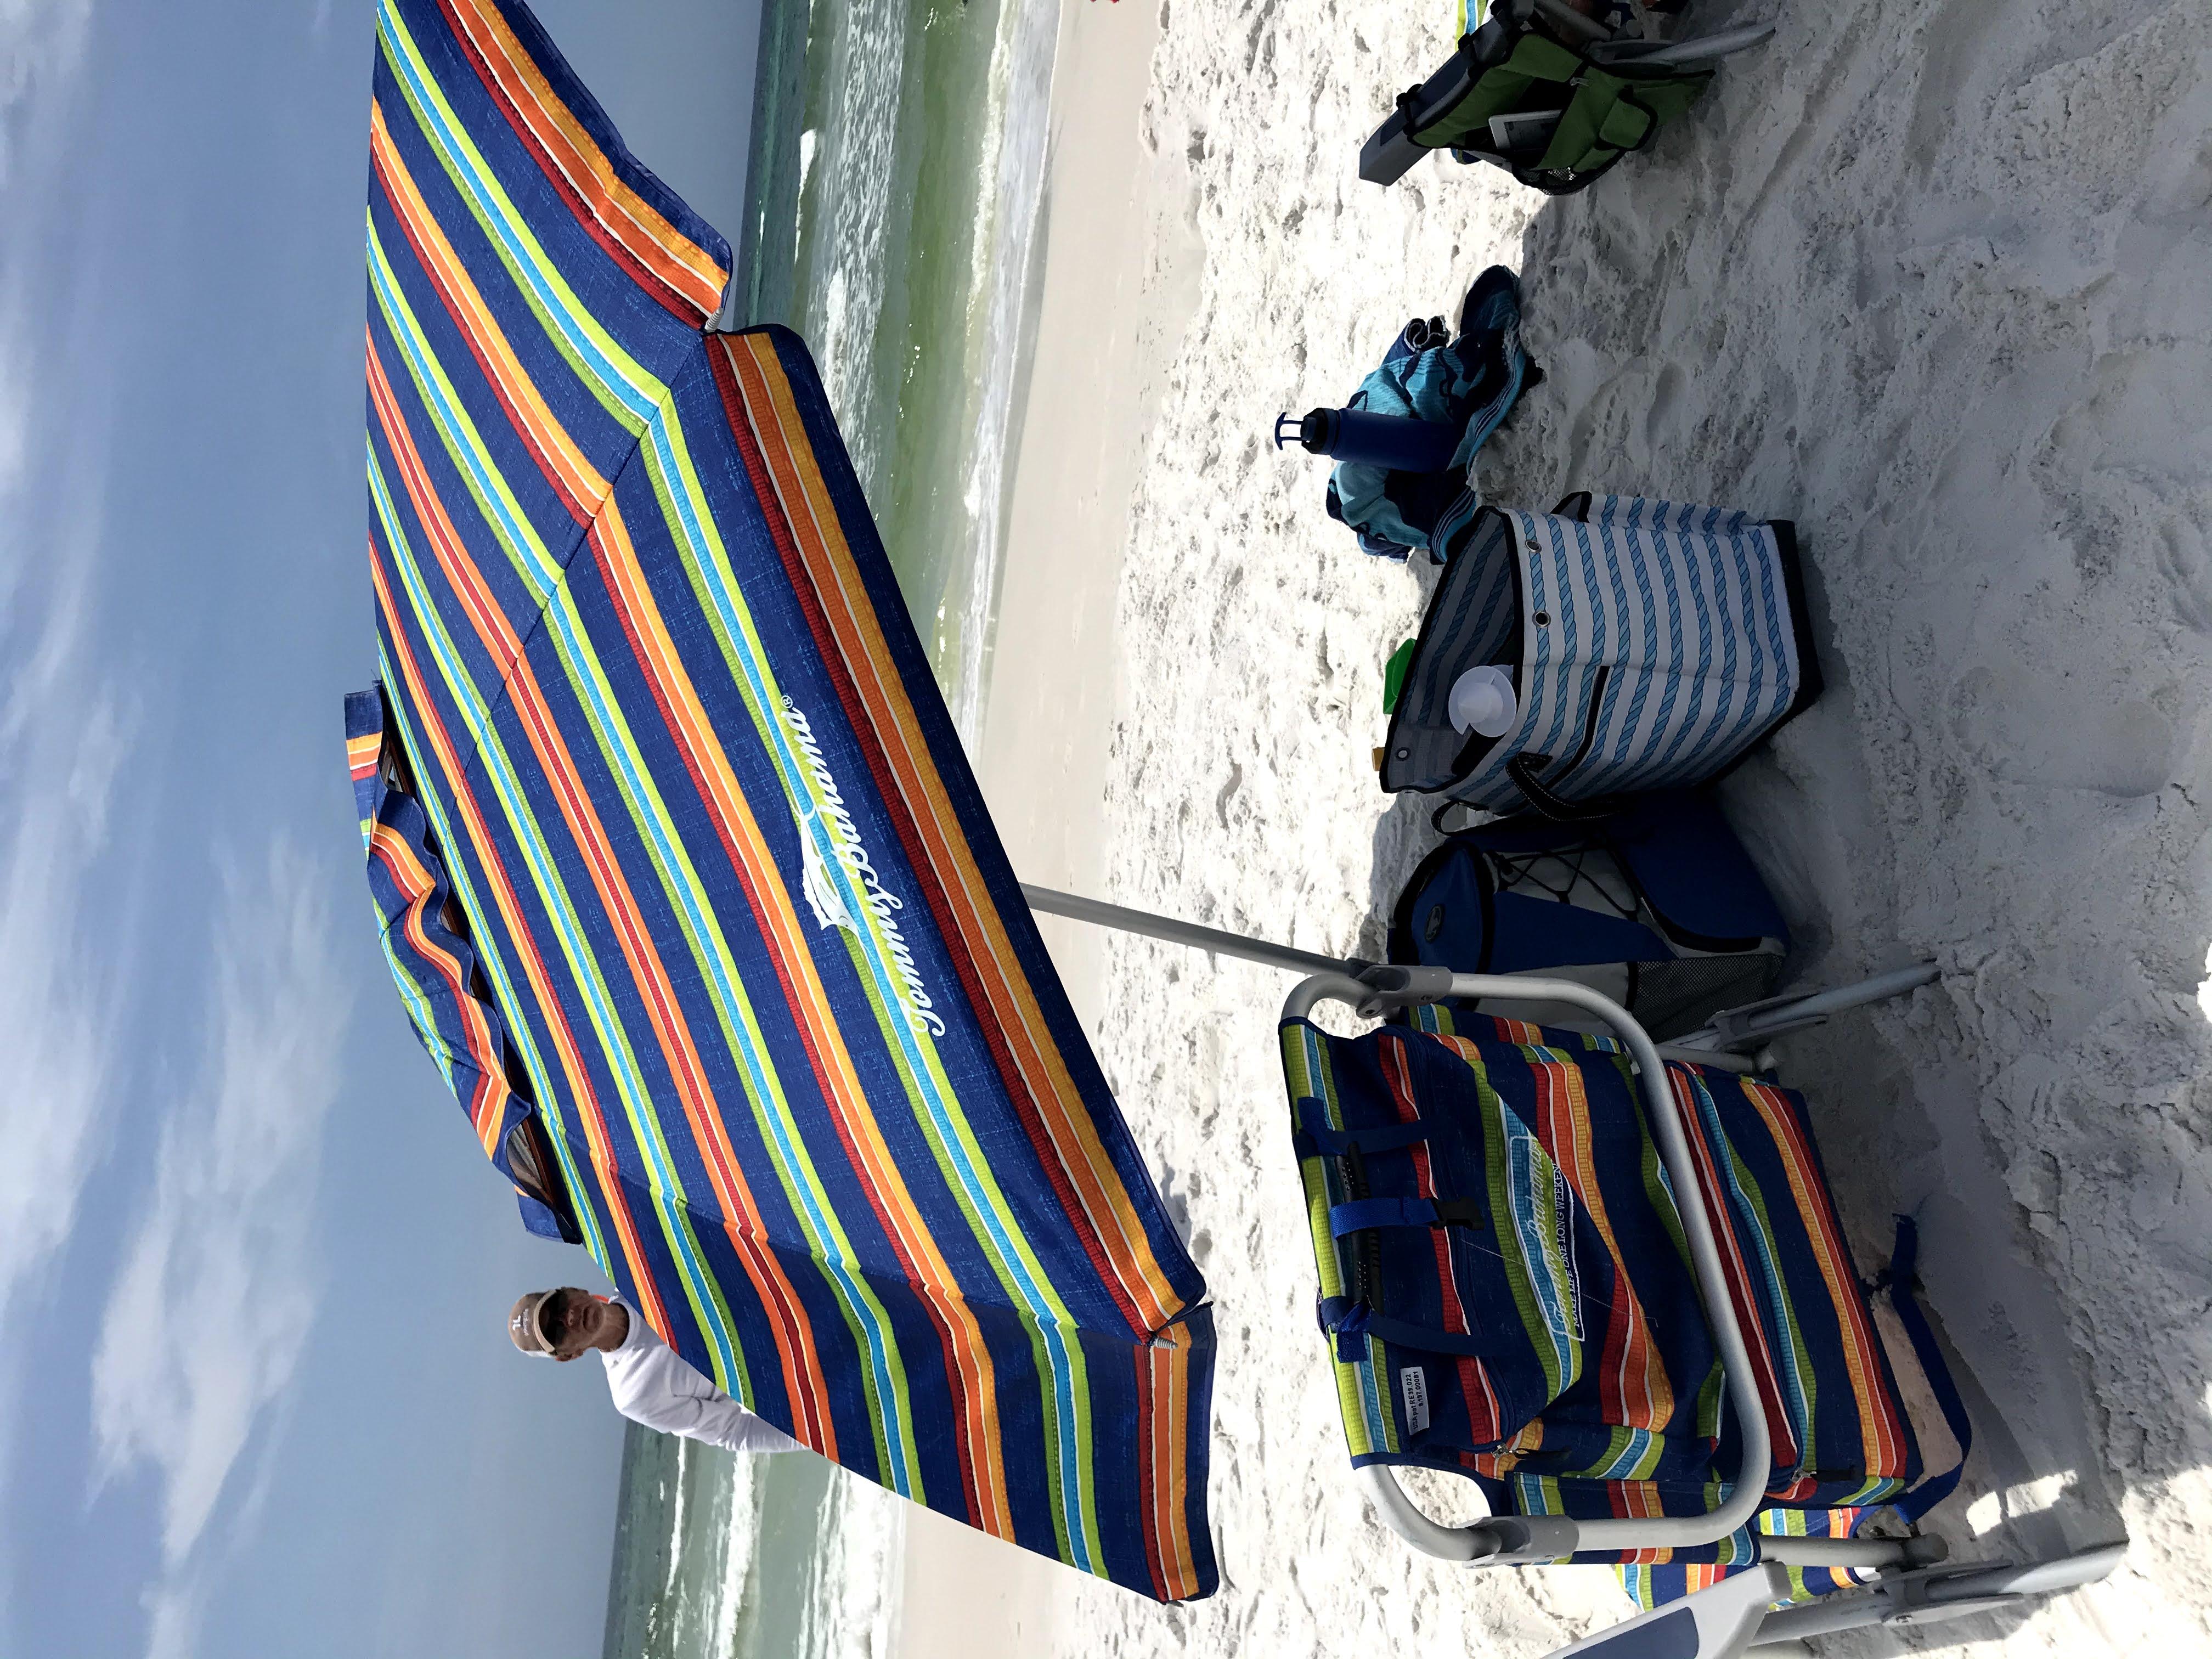 Tommy Bahama beach umbrella